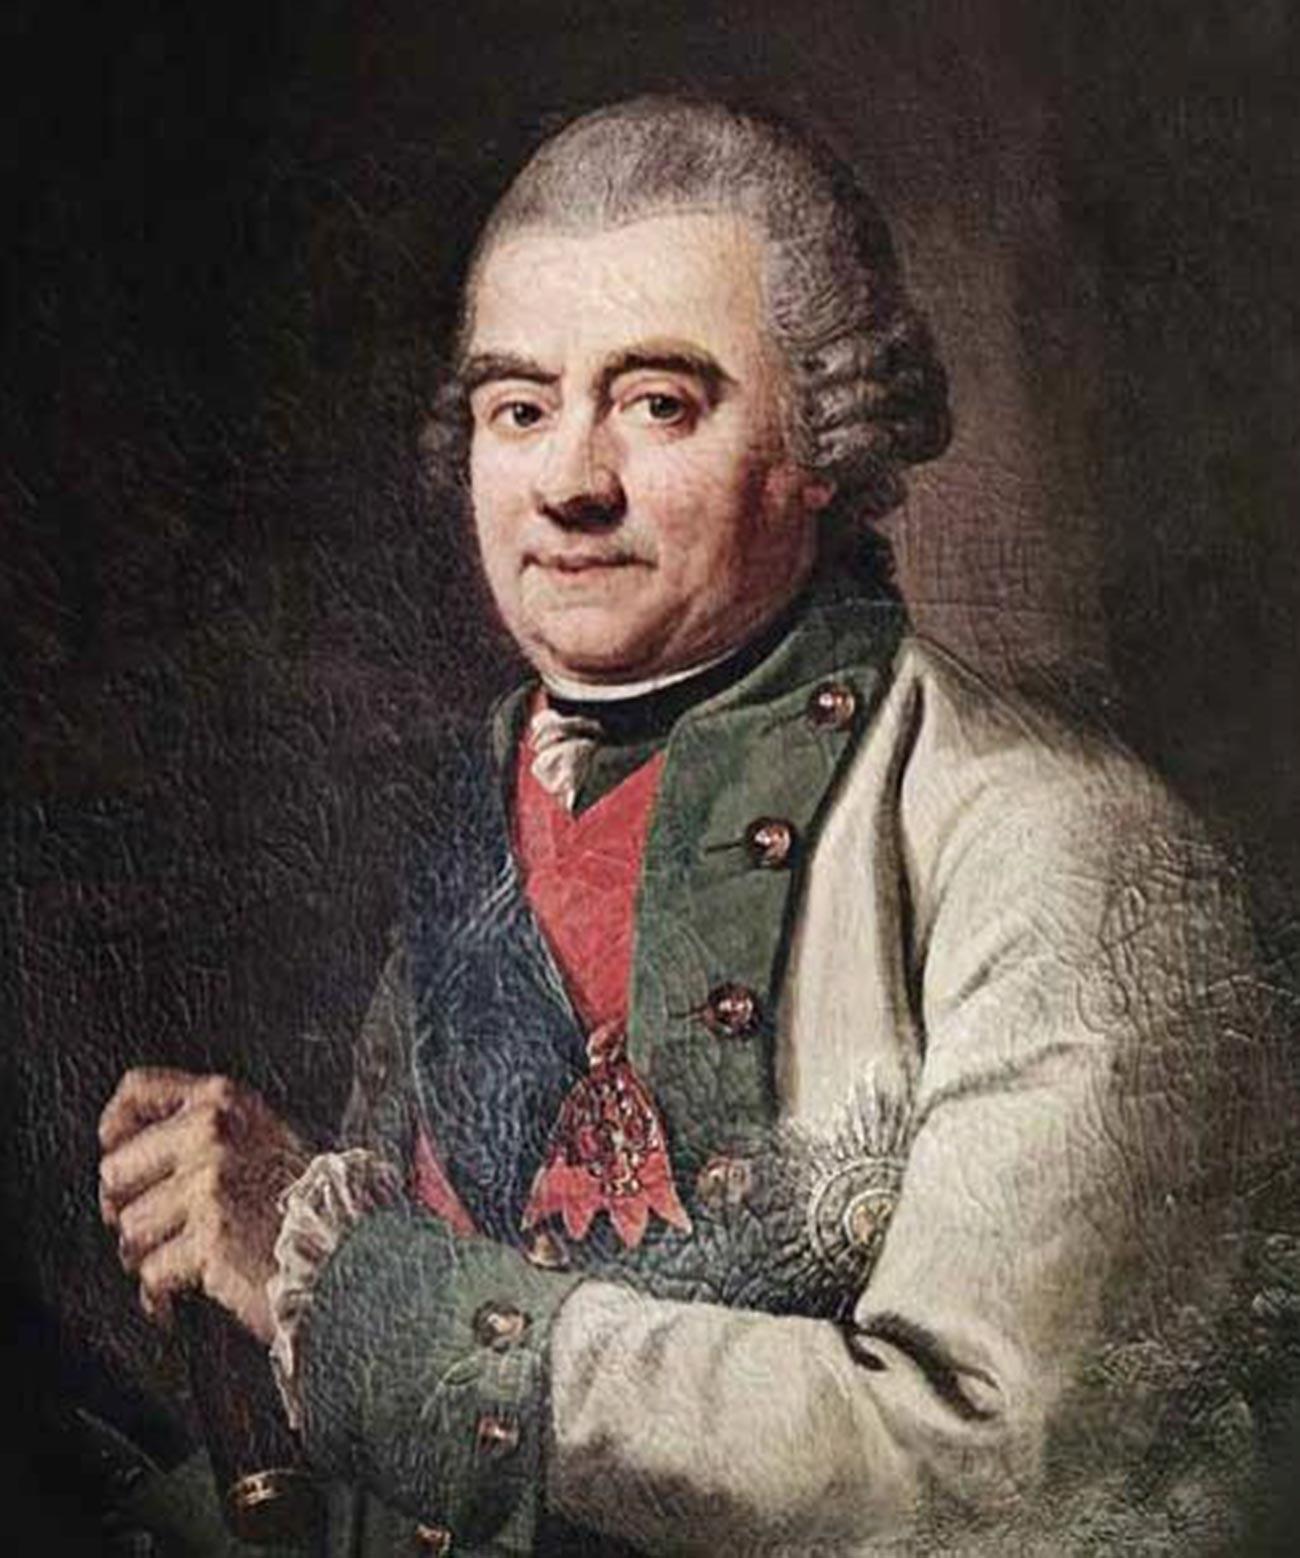 Laksamana Grigory Spiridov